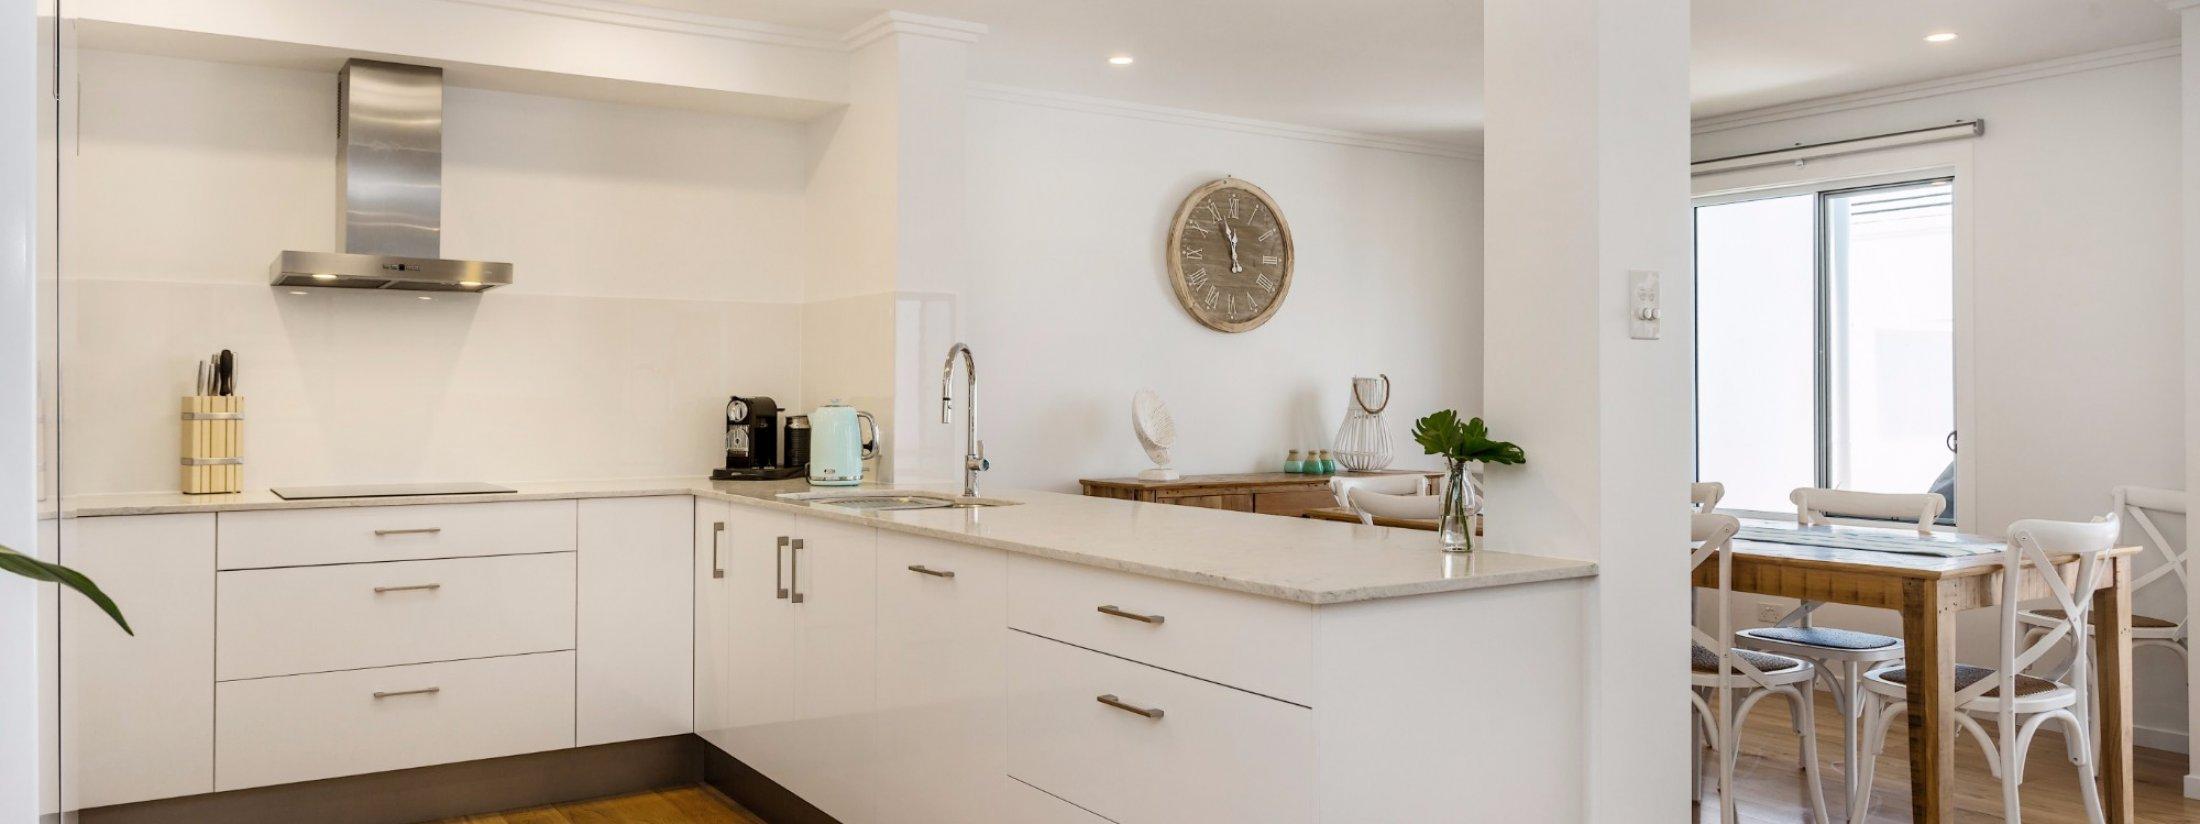 Ocean Walk - kitchen